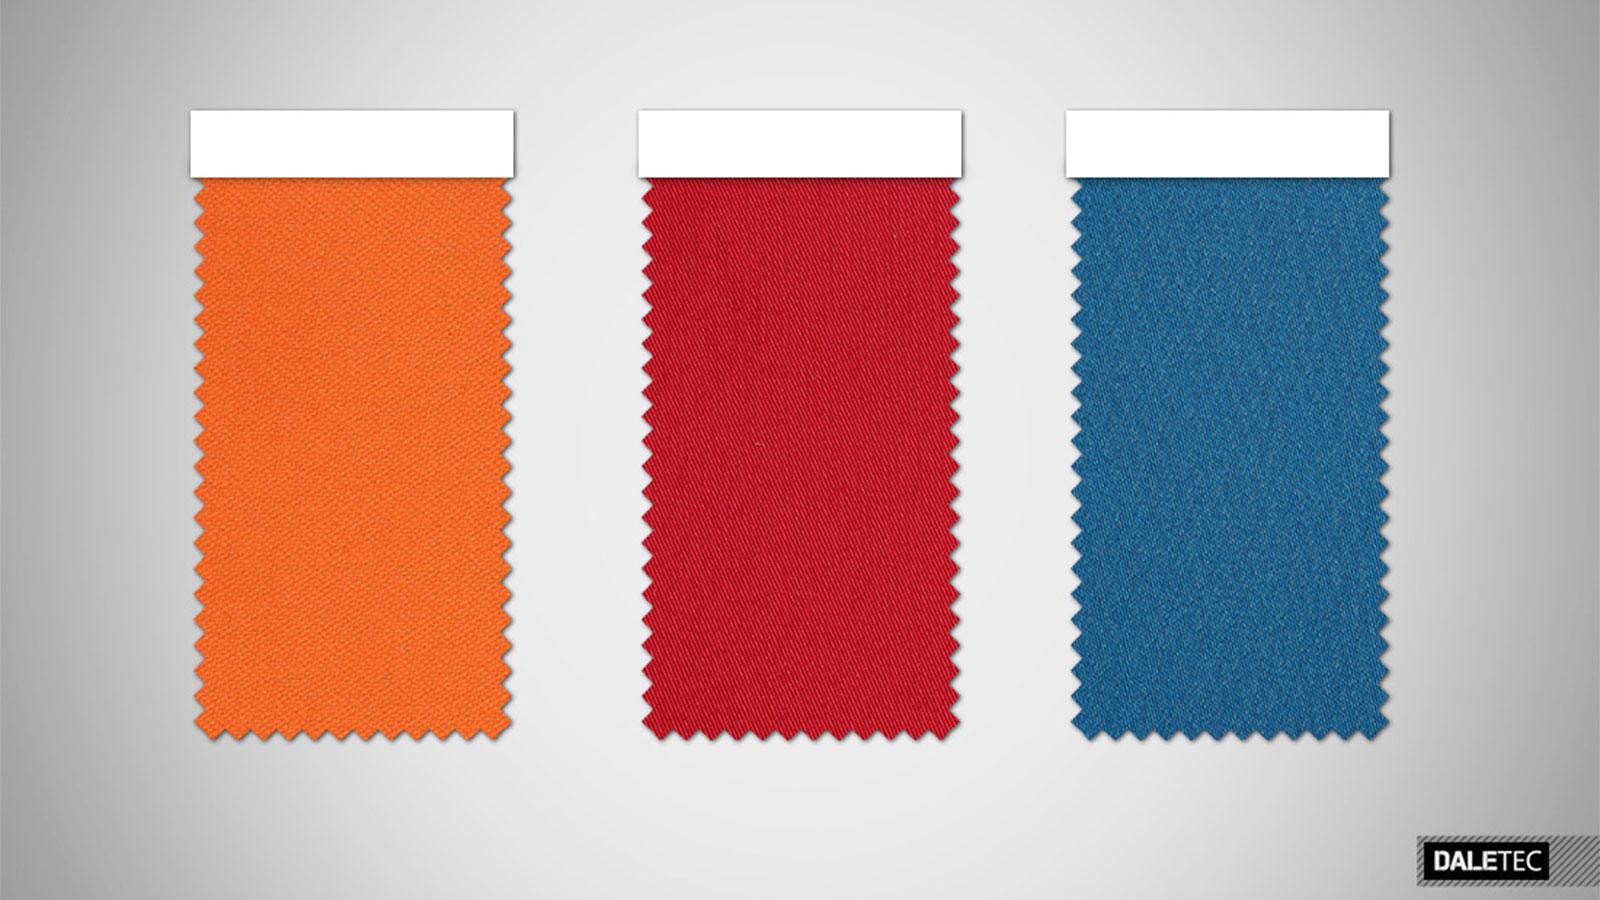 graphic-brand-design-web-designer-hiline-lahore-pakistan-daletec-010